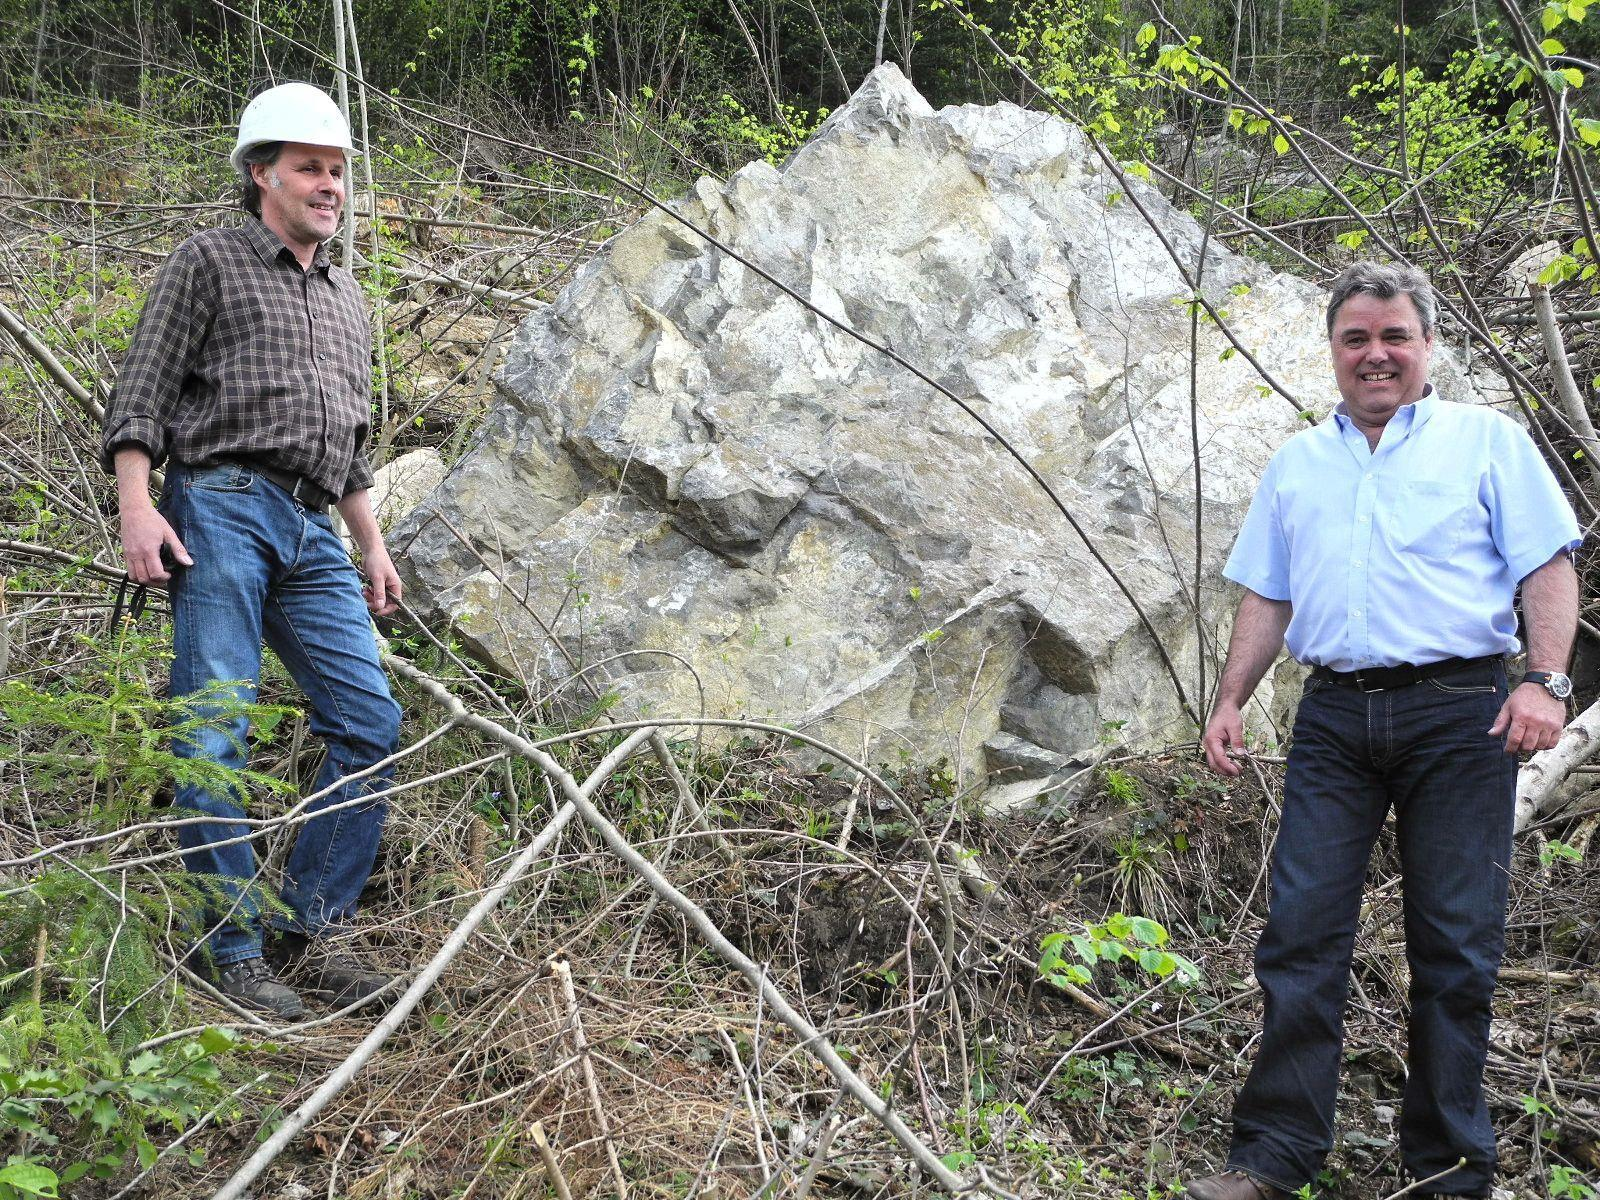 (l.) Bauleiter Elmar PLankensteiner mit Uwe Bächle, dem Leiter des Bauhof der Stadt Feldkirch vor dem 20 Tonnen schweren Gesteinsbrocken